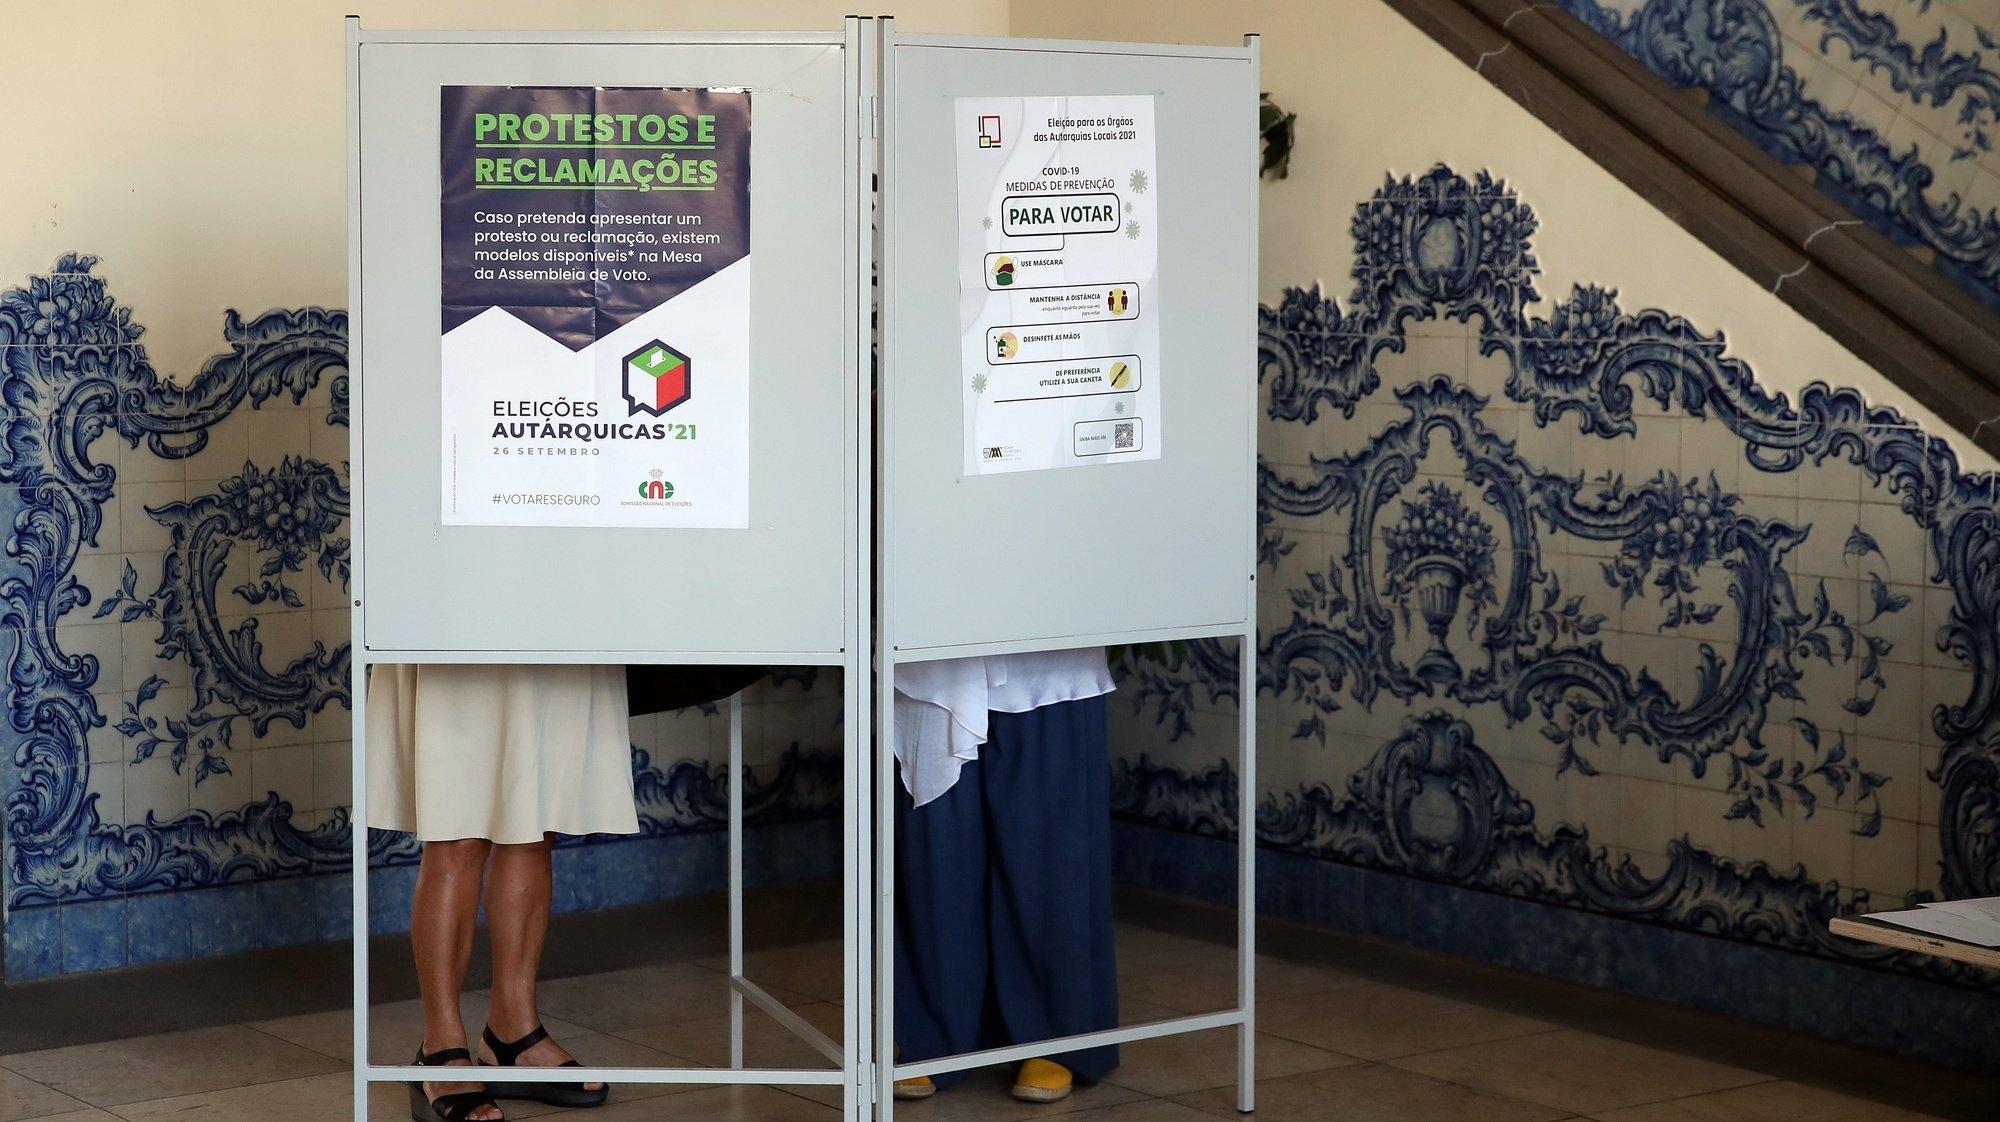 Votação na freguesia da Sé no Funchal, a principal autarquia madeirense para as eleições autárquicas 2021, no Funchal, Madeira, 26 de setembro de 2021. Hoje mais de 9,3 milhões eleitores podem votar nas eleições autárquicas para eleger os seus representantes locais. HOMEM DE GOUVEIA/LUSA